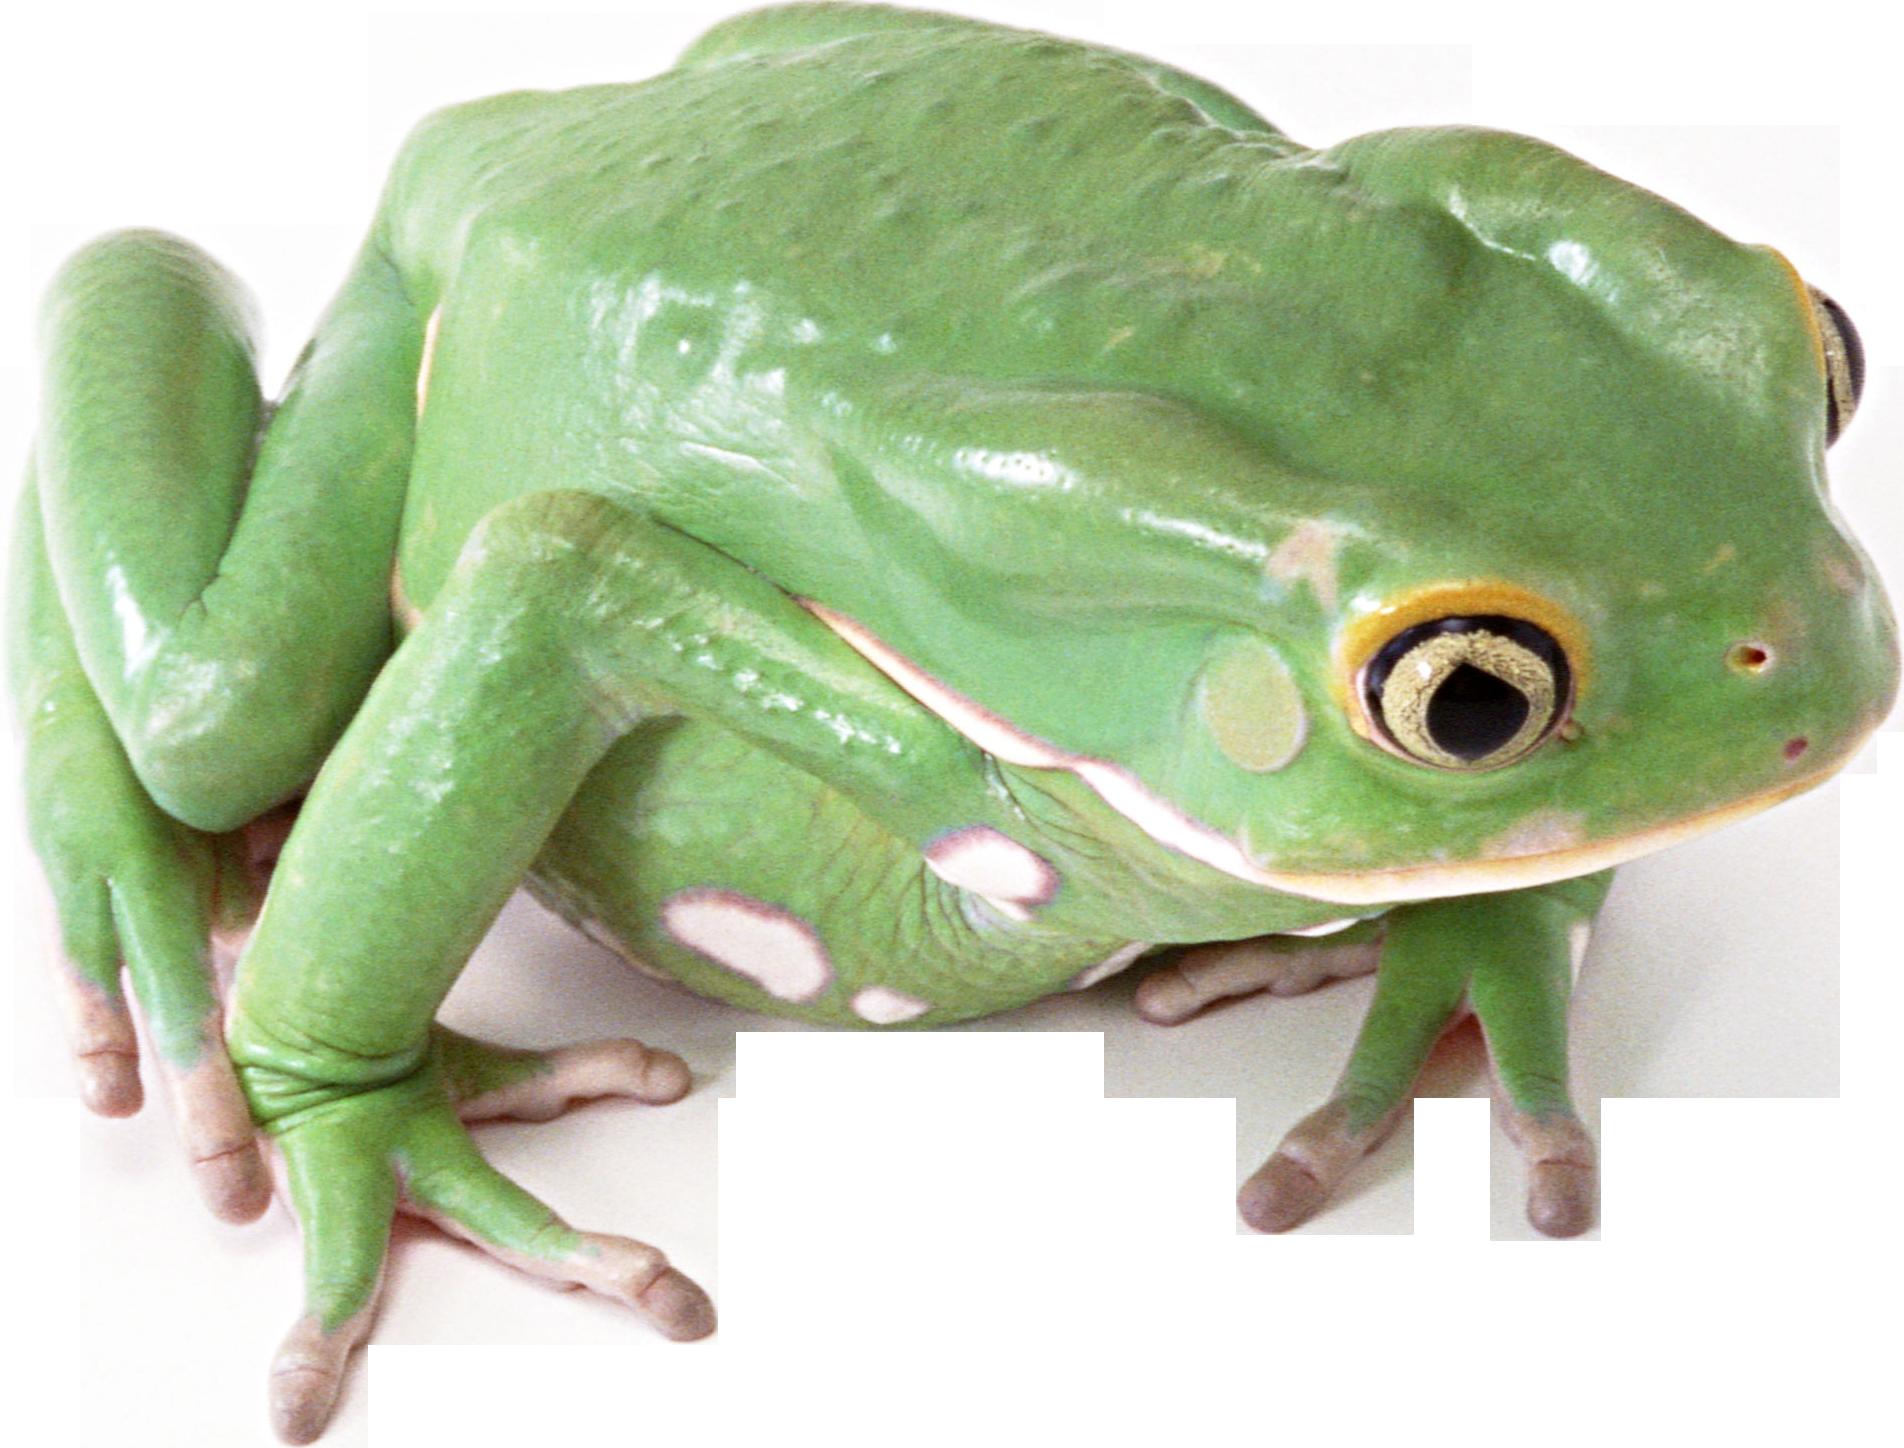 Frog PNG Transparent Image